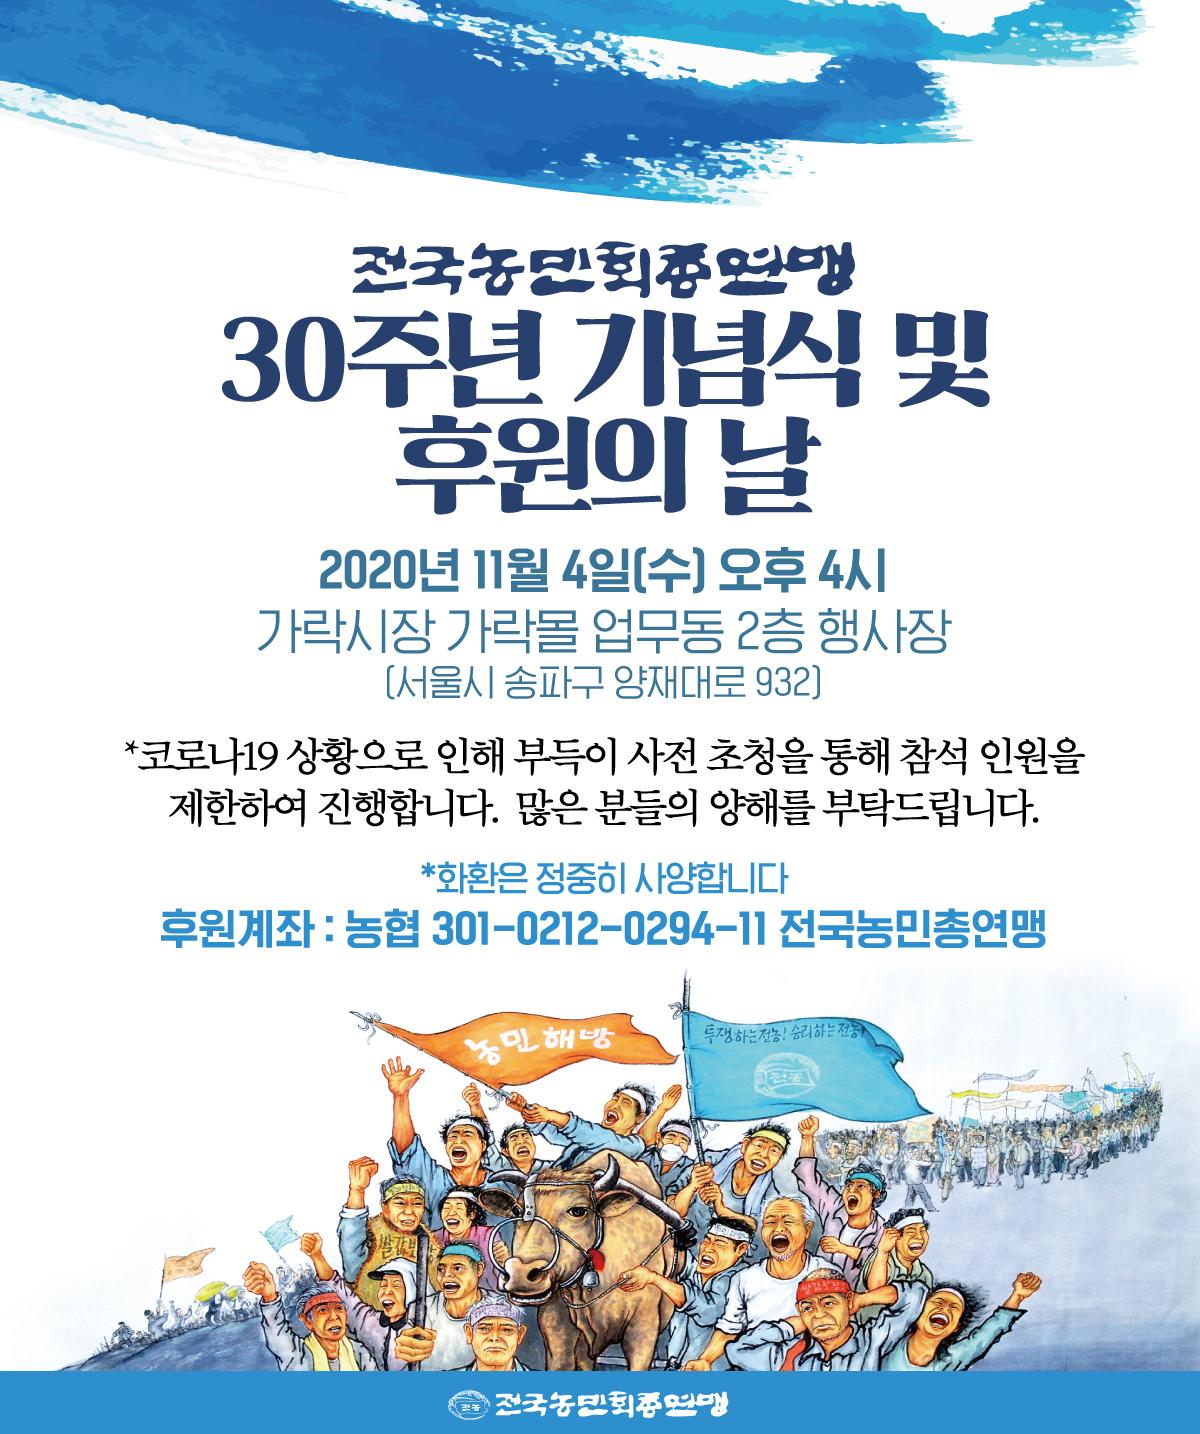 201014_30주년_기념식_web.jpg